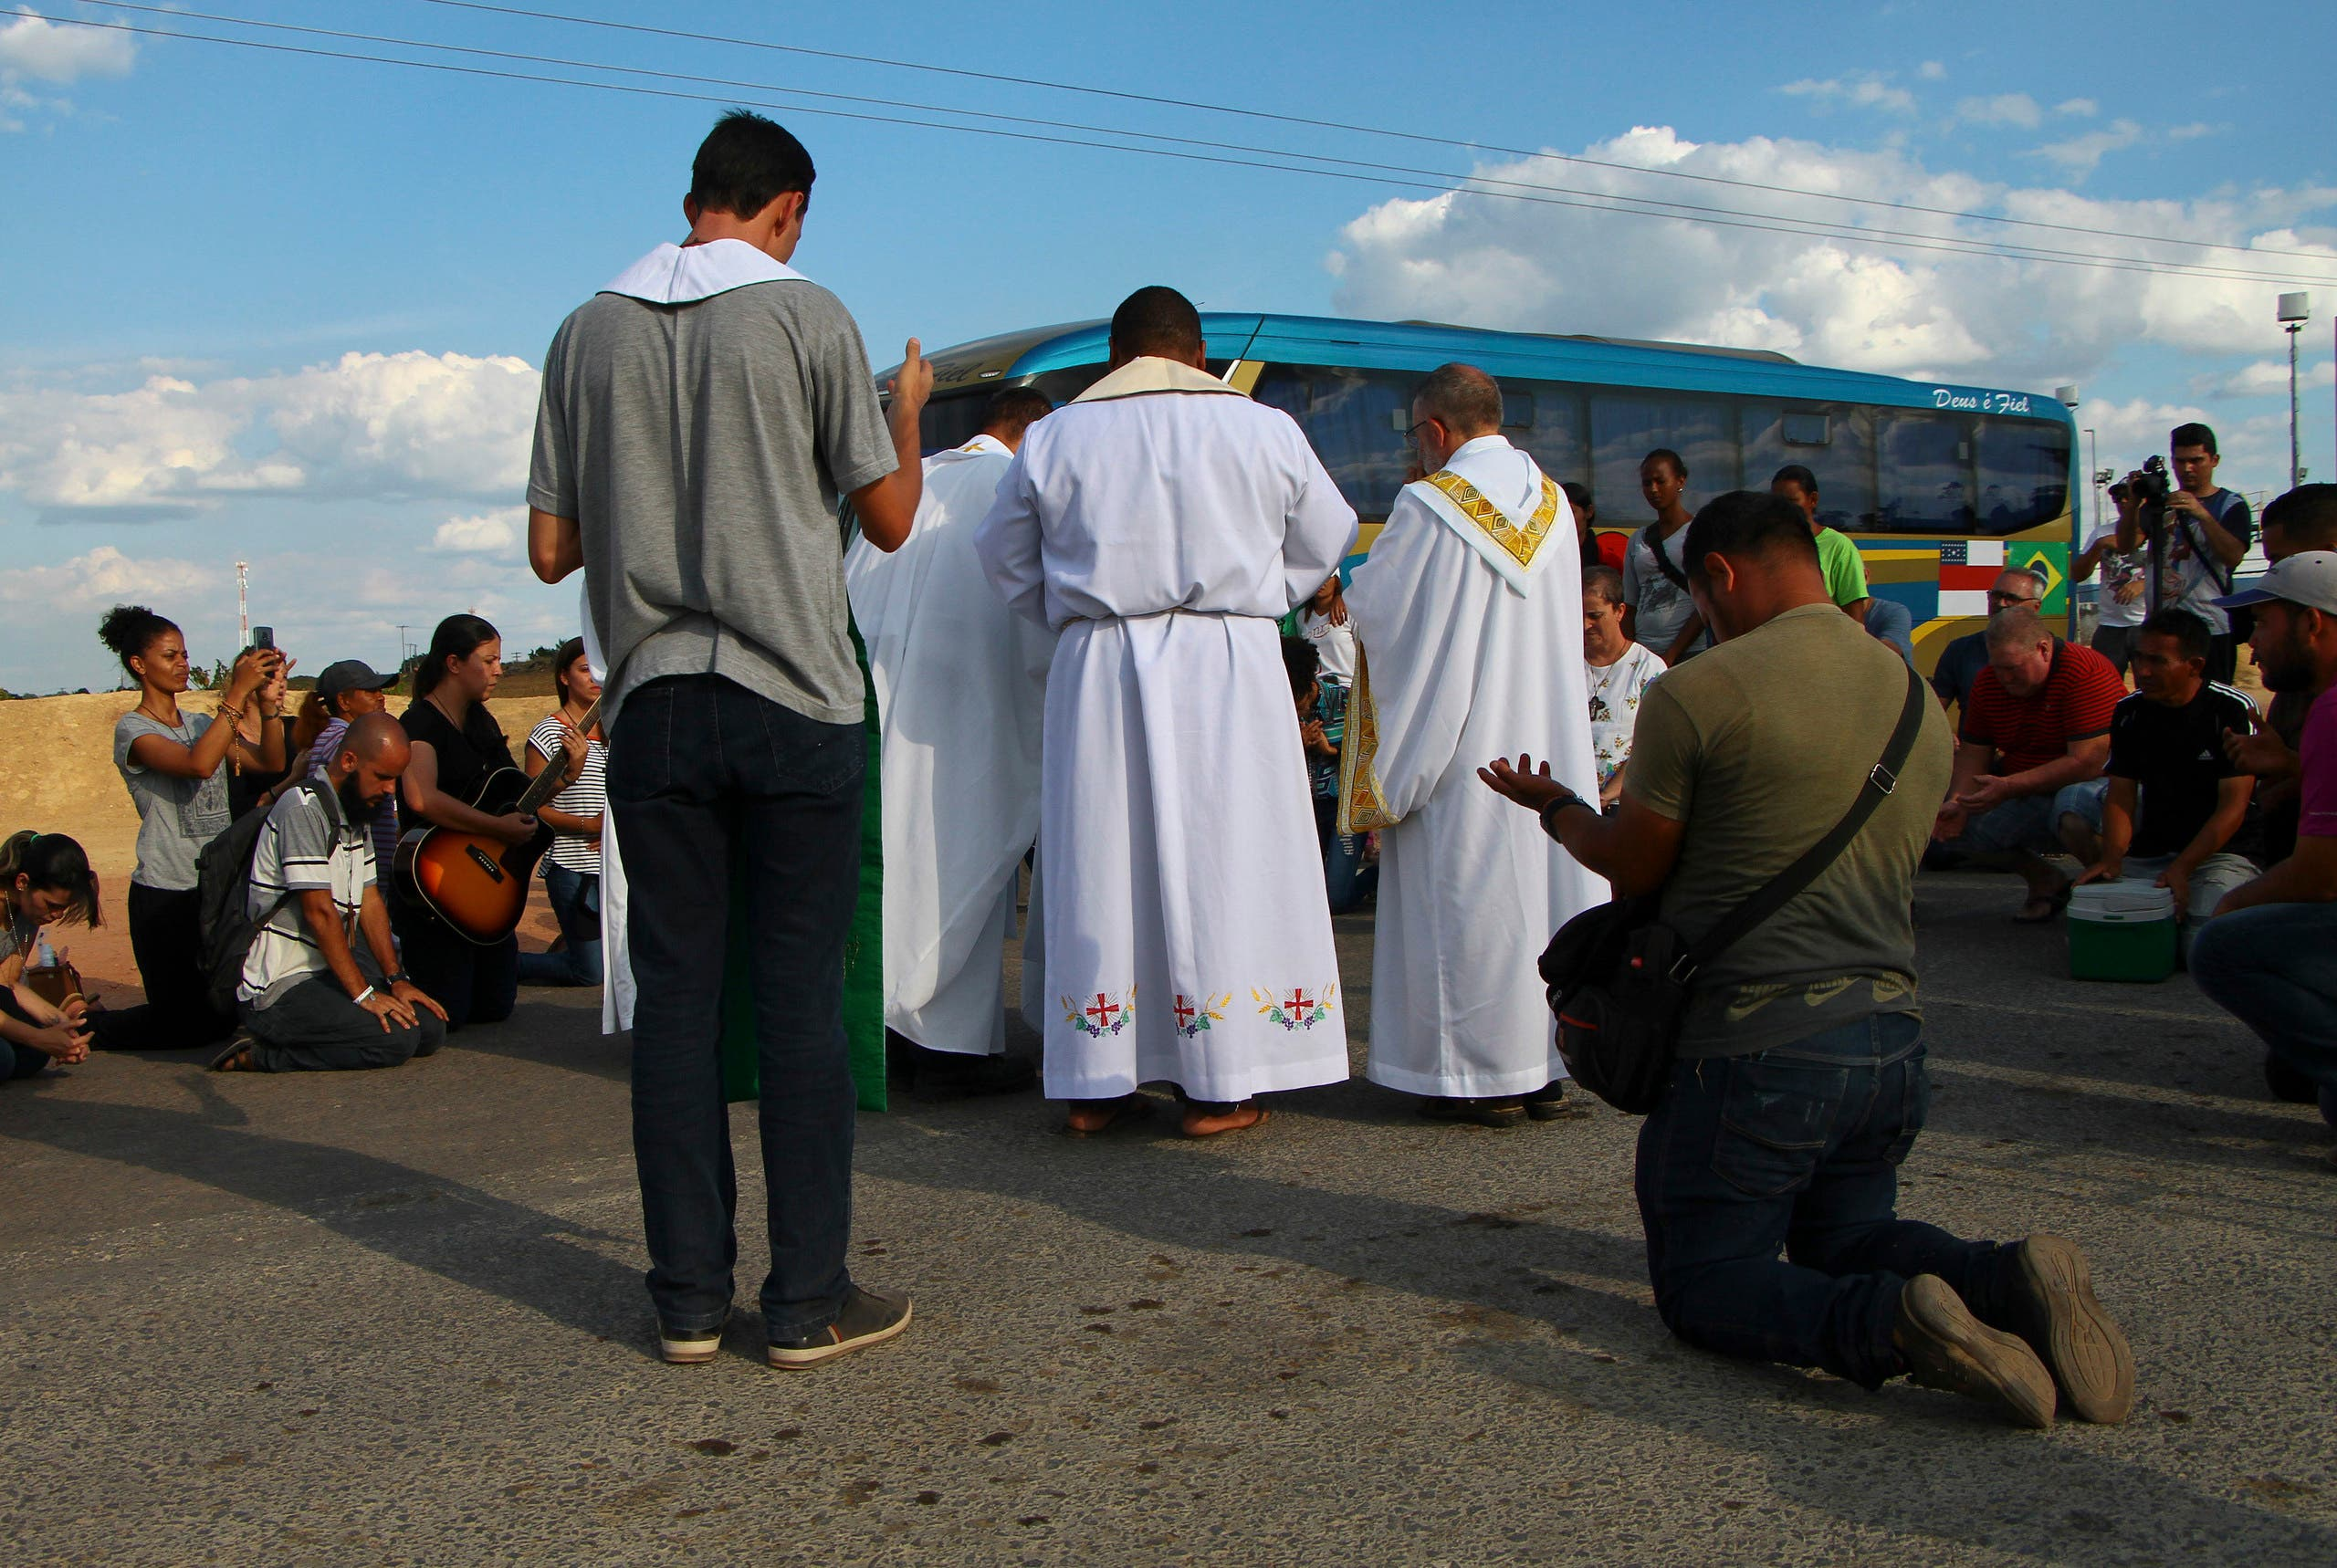 venezuelans hold mass for people killed on brazil border (AP)